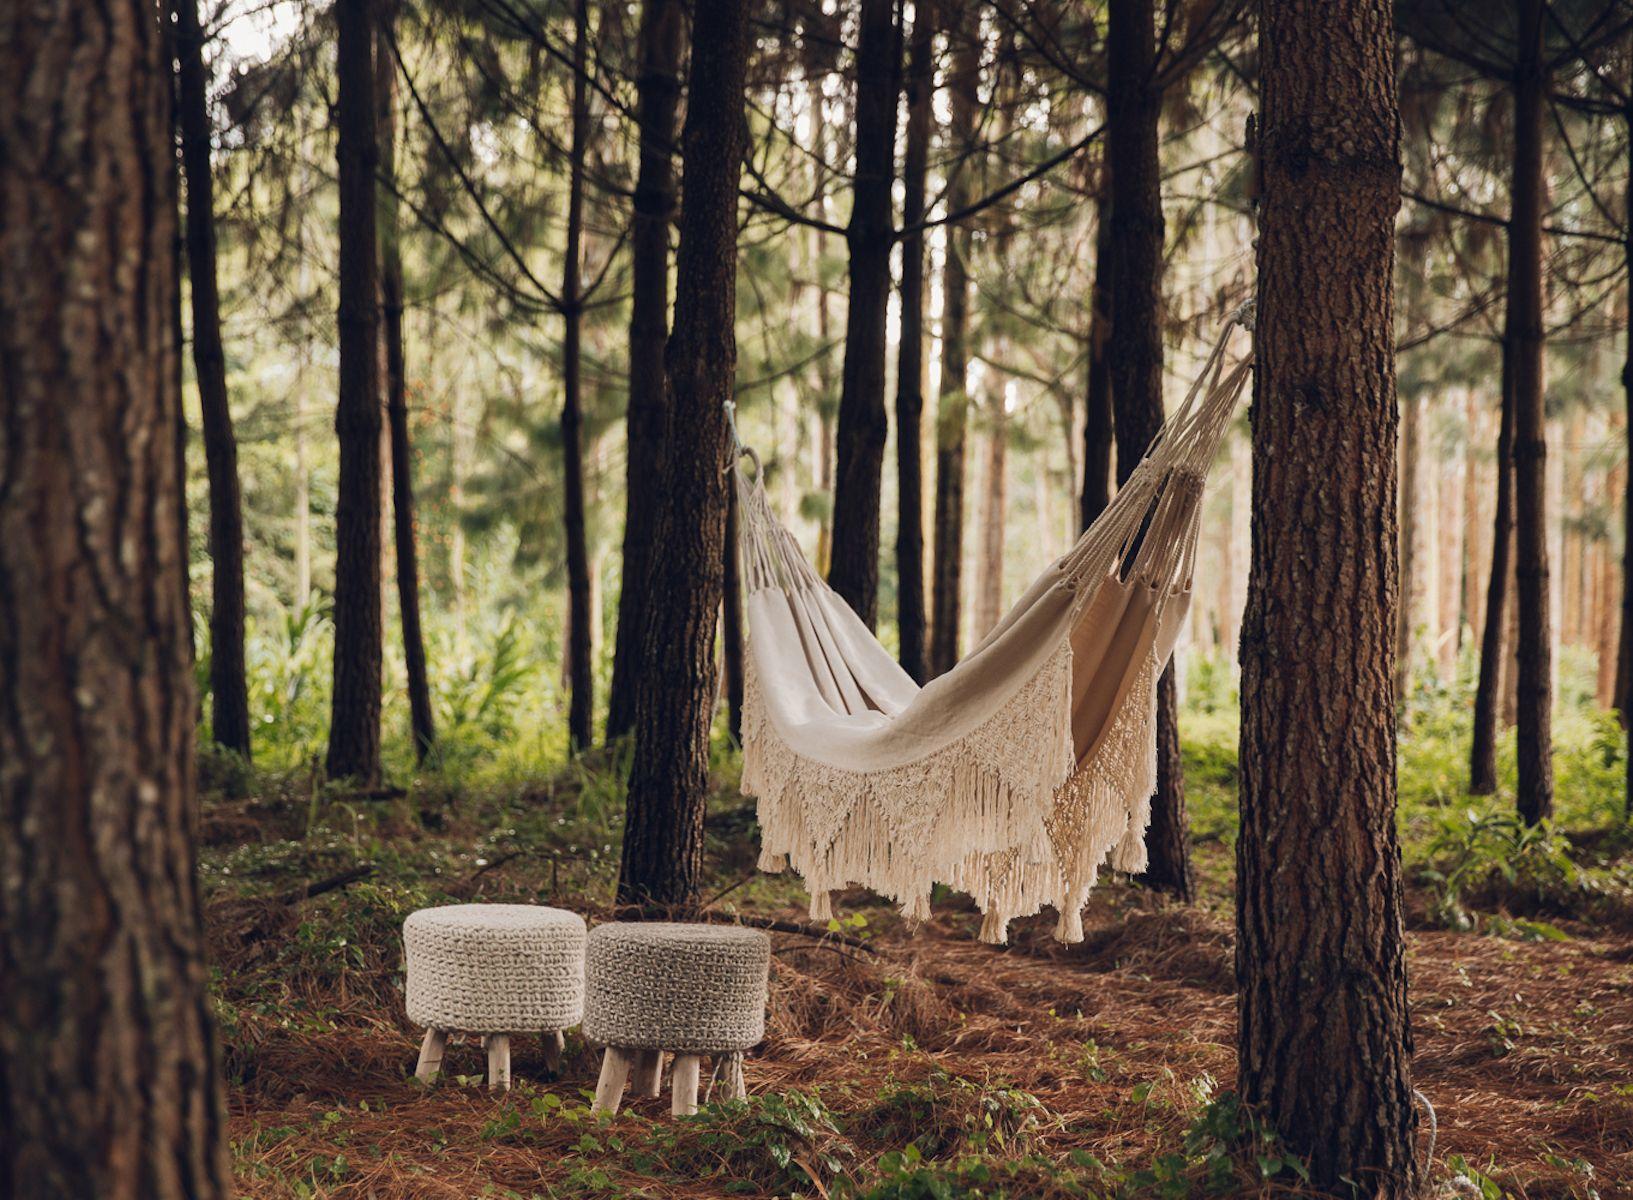 No Hay Nada Mejor Que Disfrutar De La Naturaleza Desde La